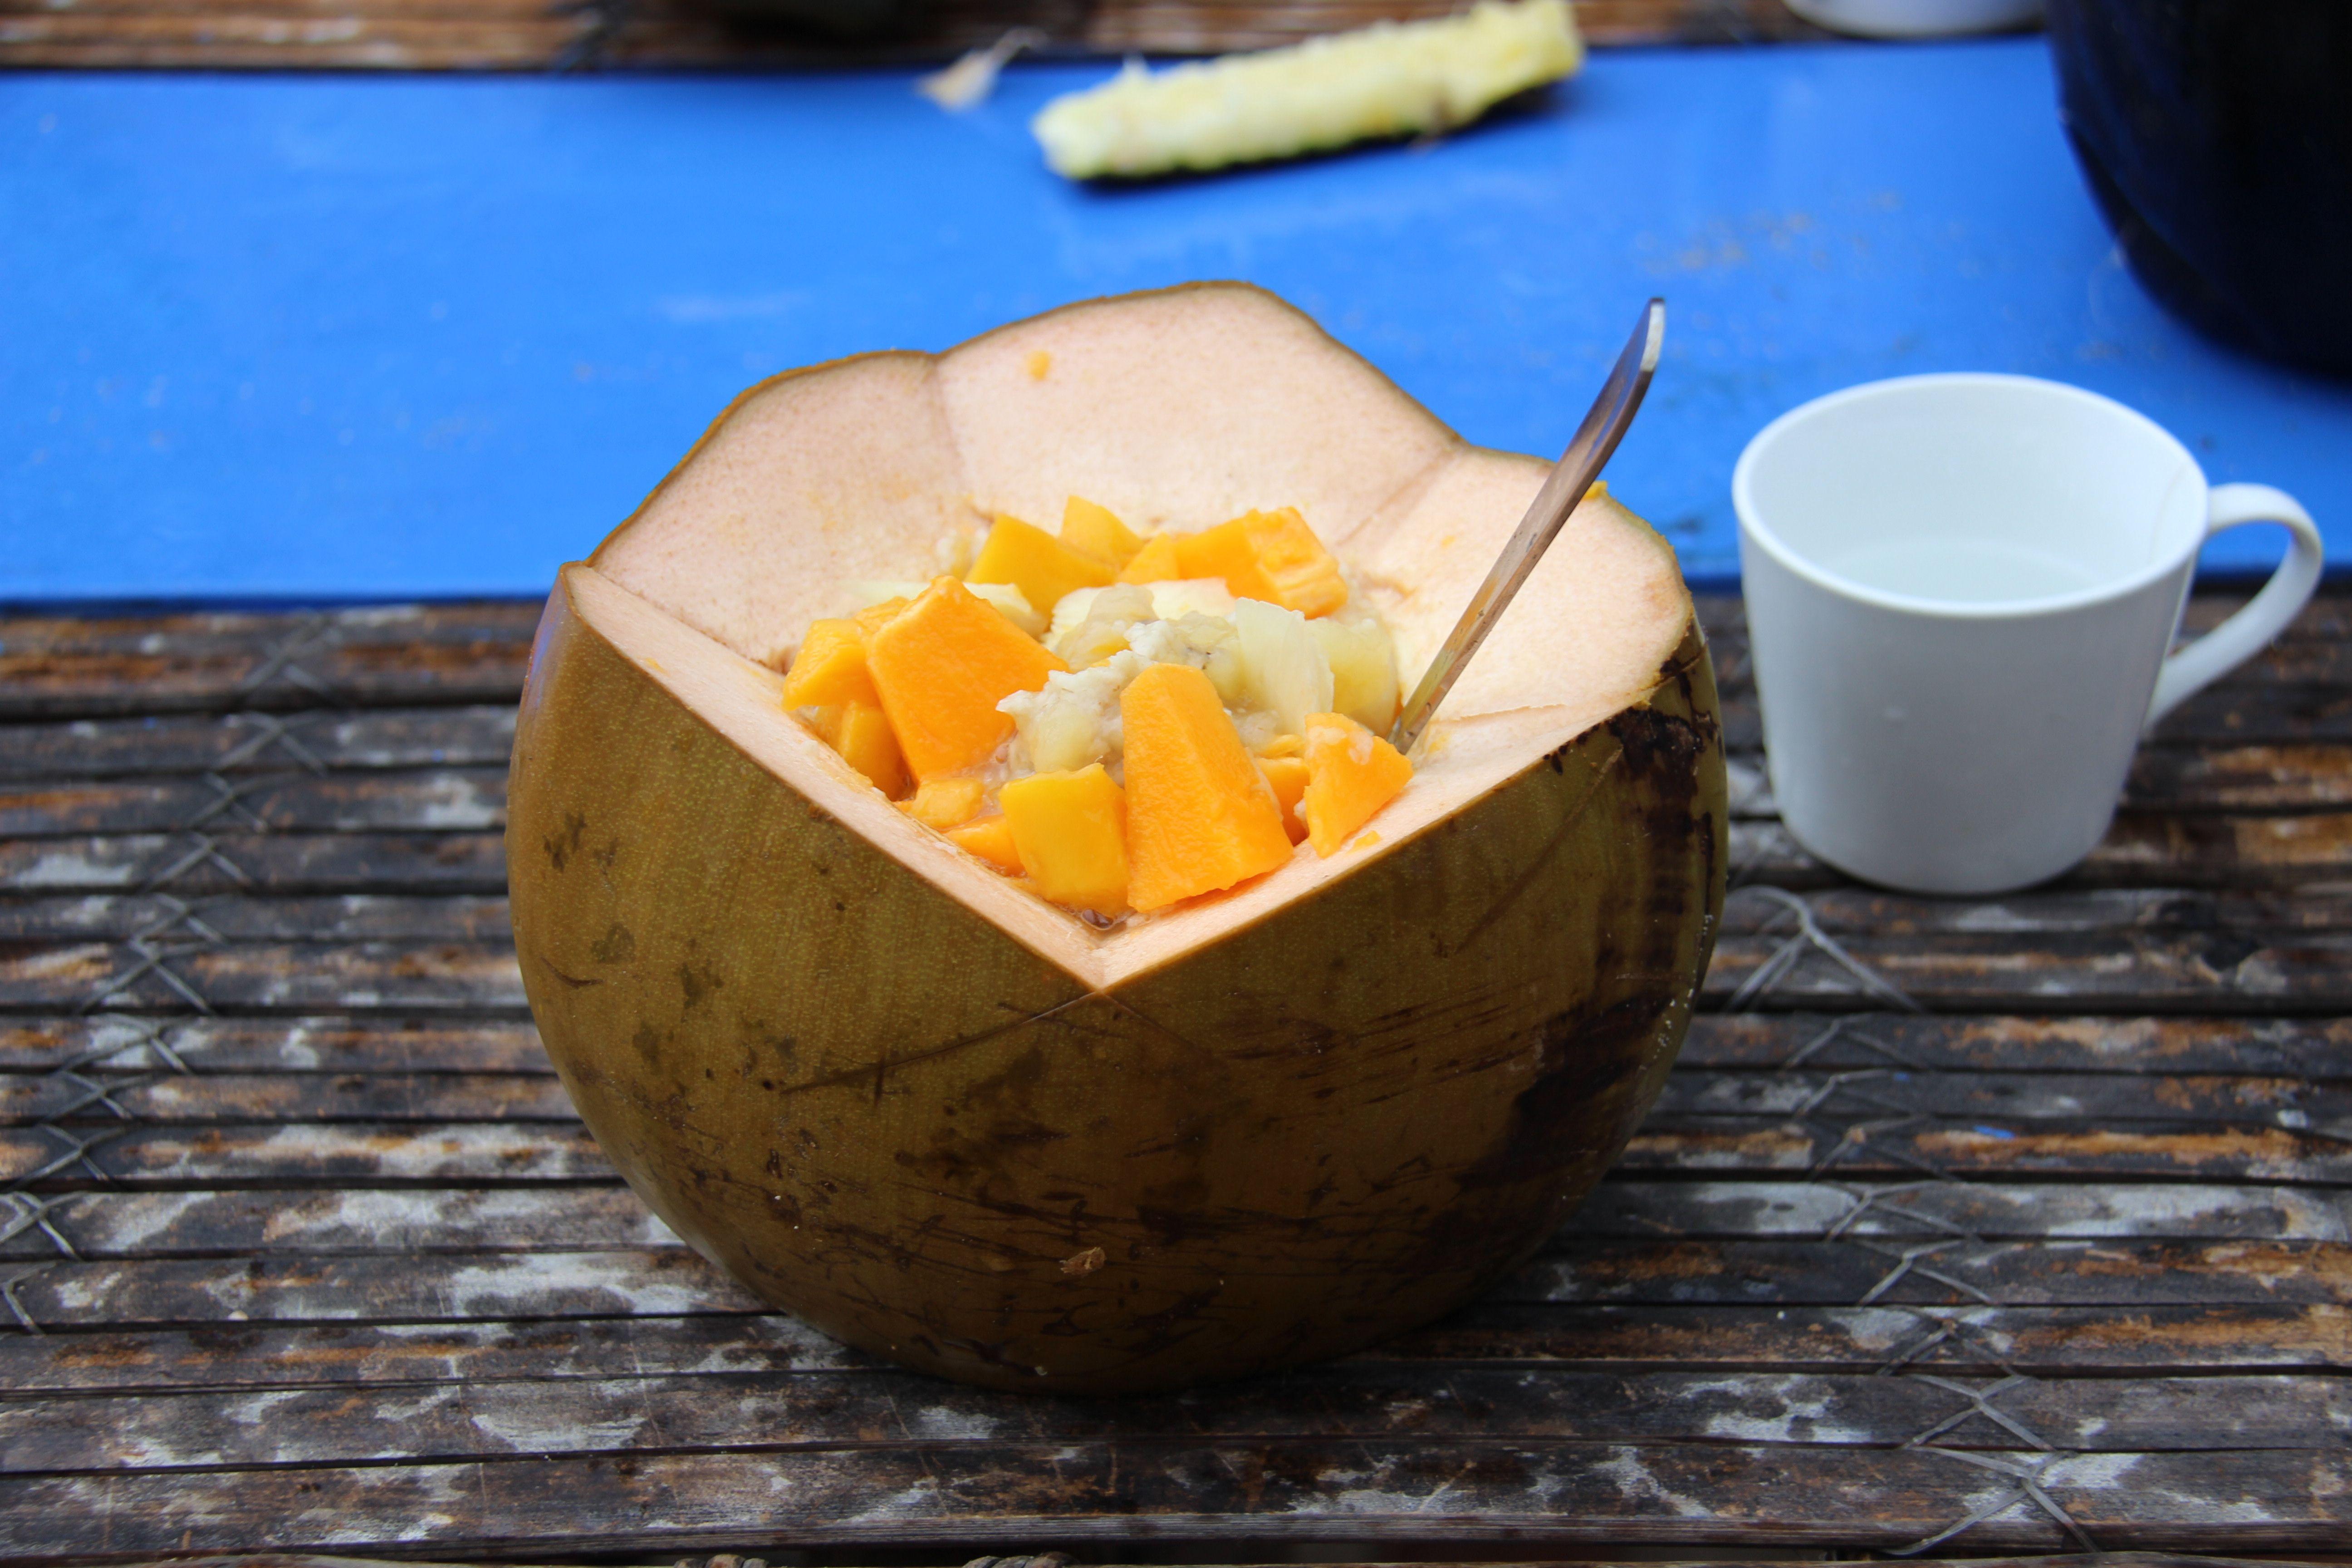 Porridge du matin et fruits exotiques frais servis dans une noix de coco